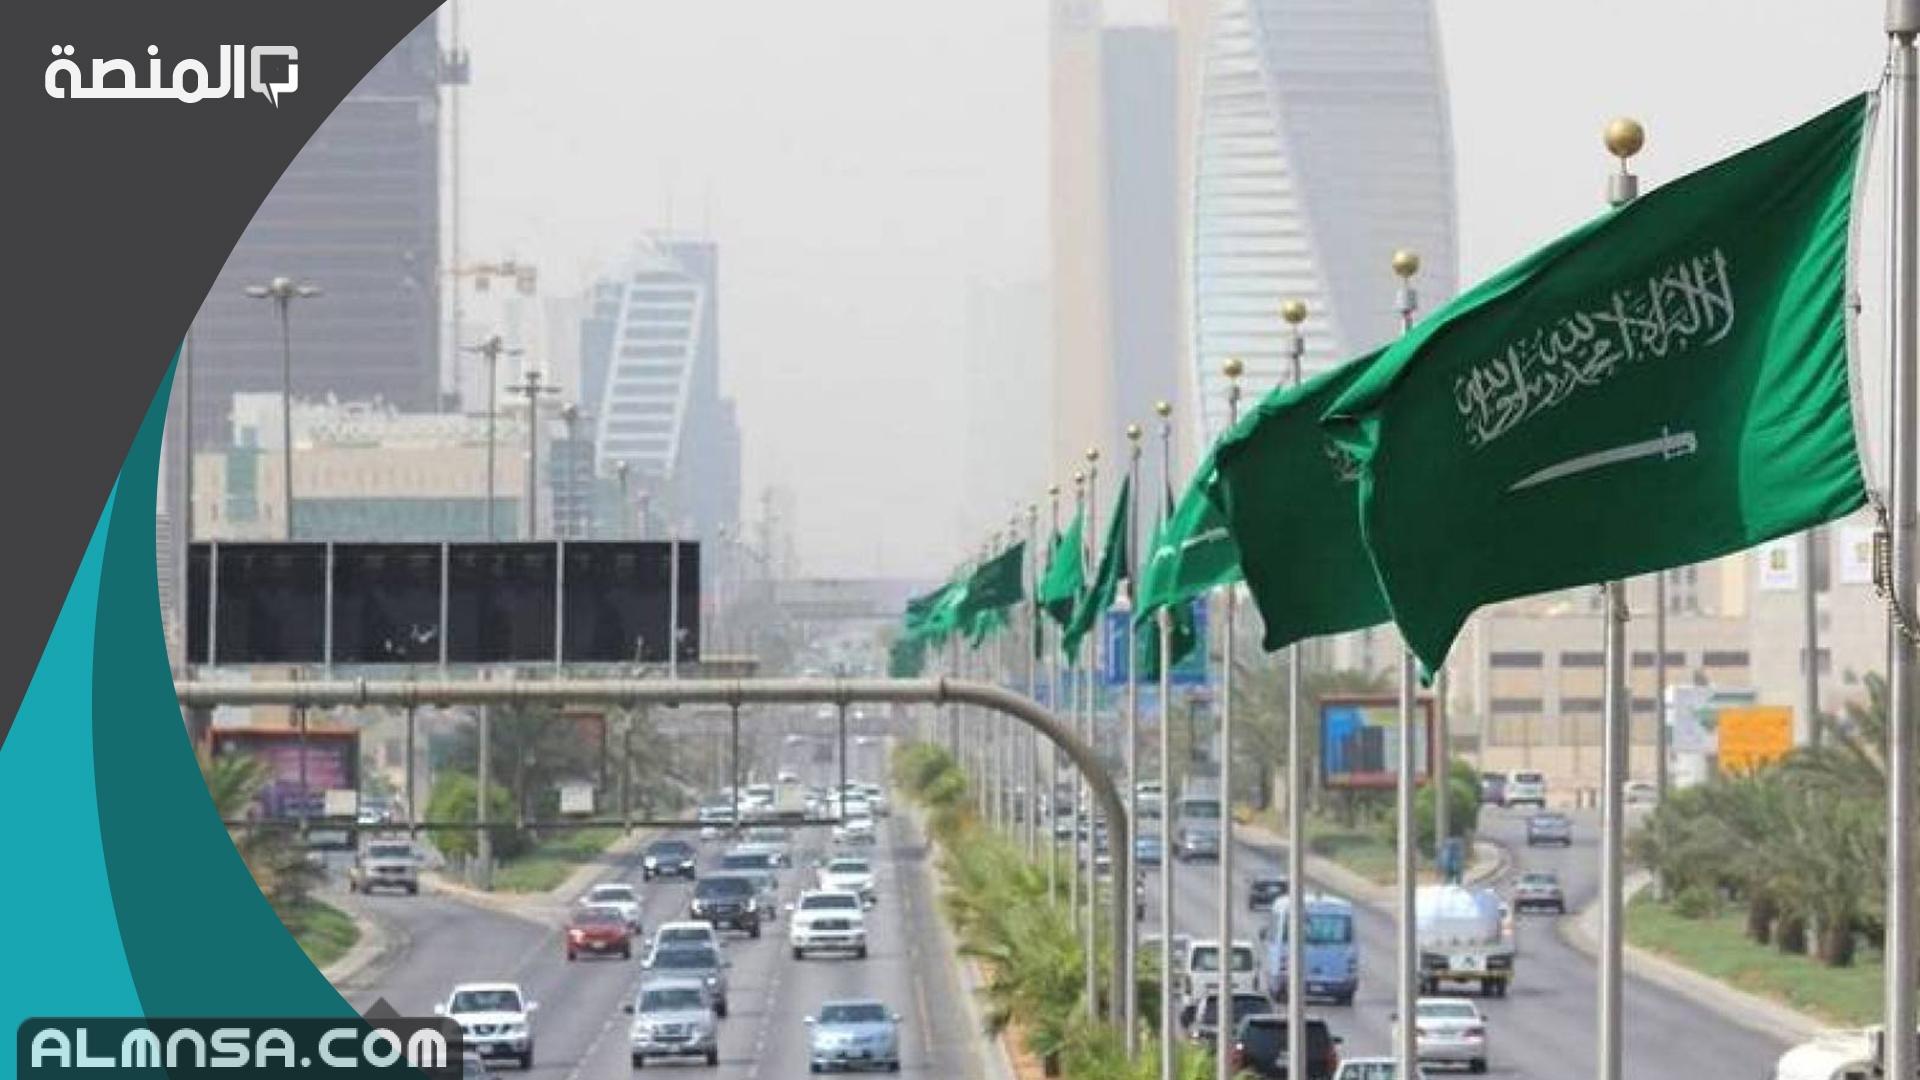 بحث عن الطرق والمواصلات في المملكة العربية السعودية المنصة